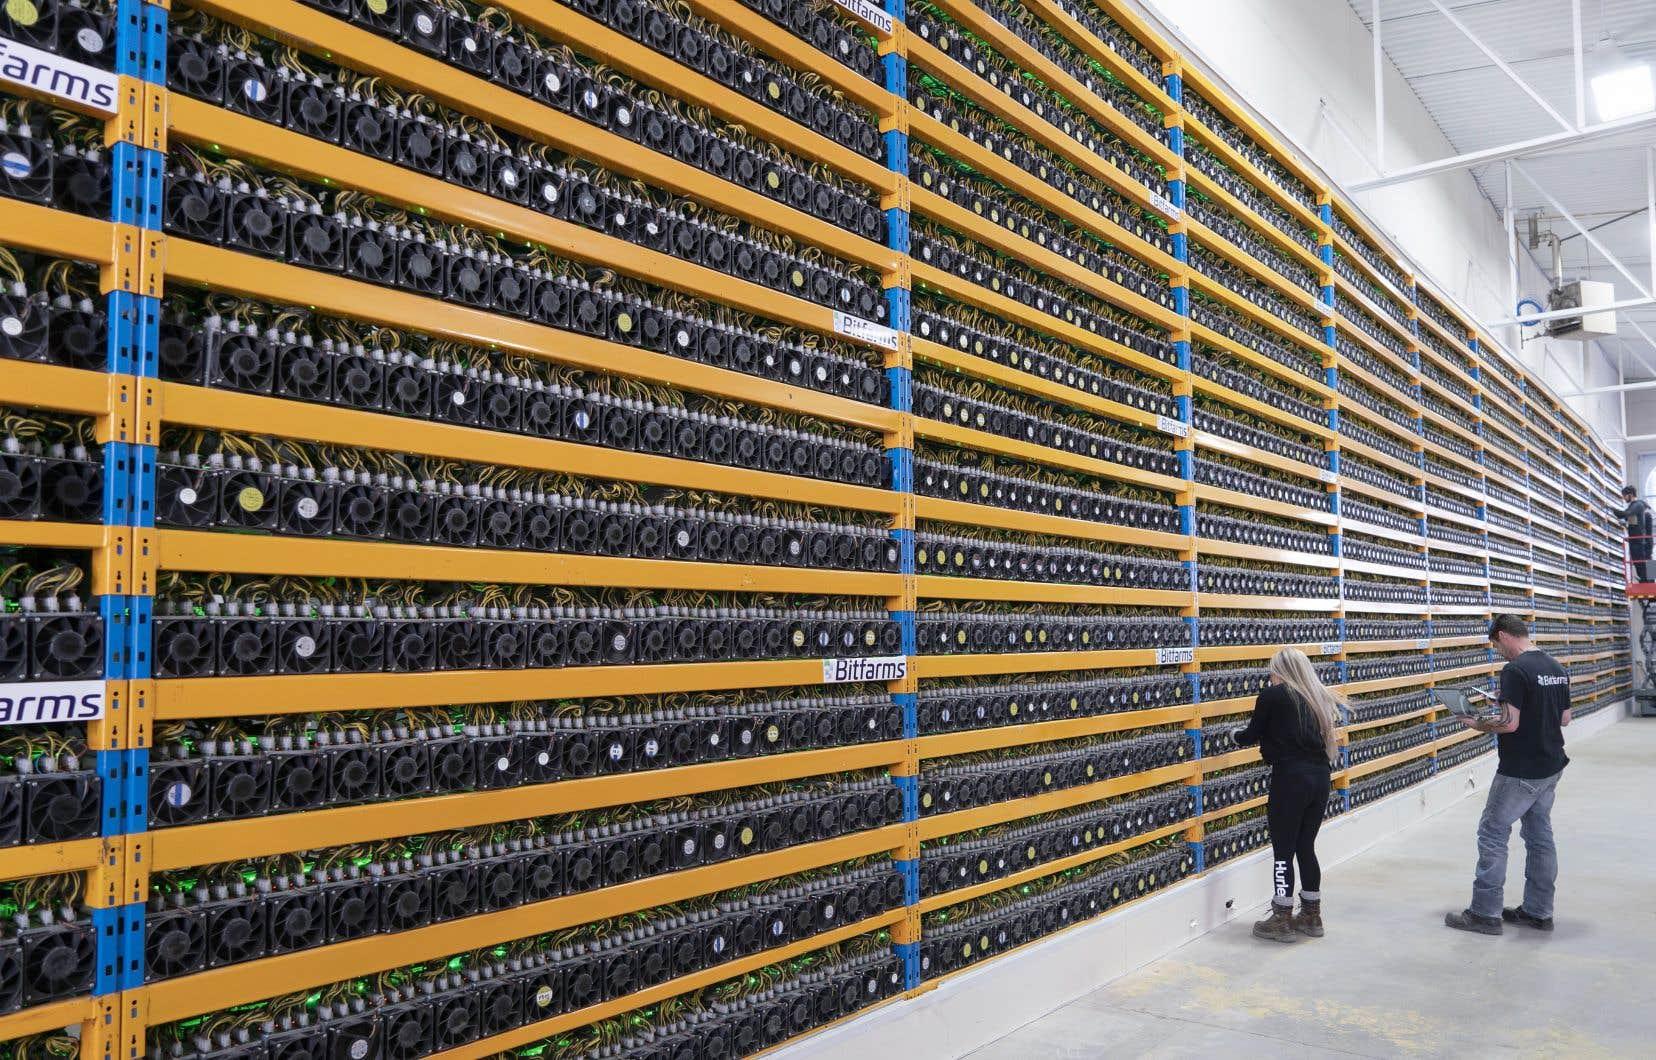 La consom- mation d'électricité estimée  du bitcoin est  en hausse quasi constante  depuis 2016  et en nette  accélération  depuis la fin 2020, sur  une base  annualisée.  Sur la photo, une ferme de minage de bitcoins à Magog.